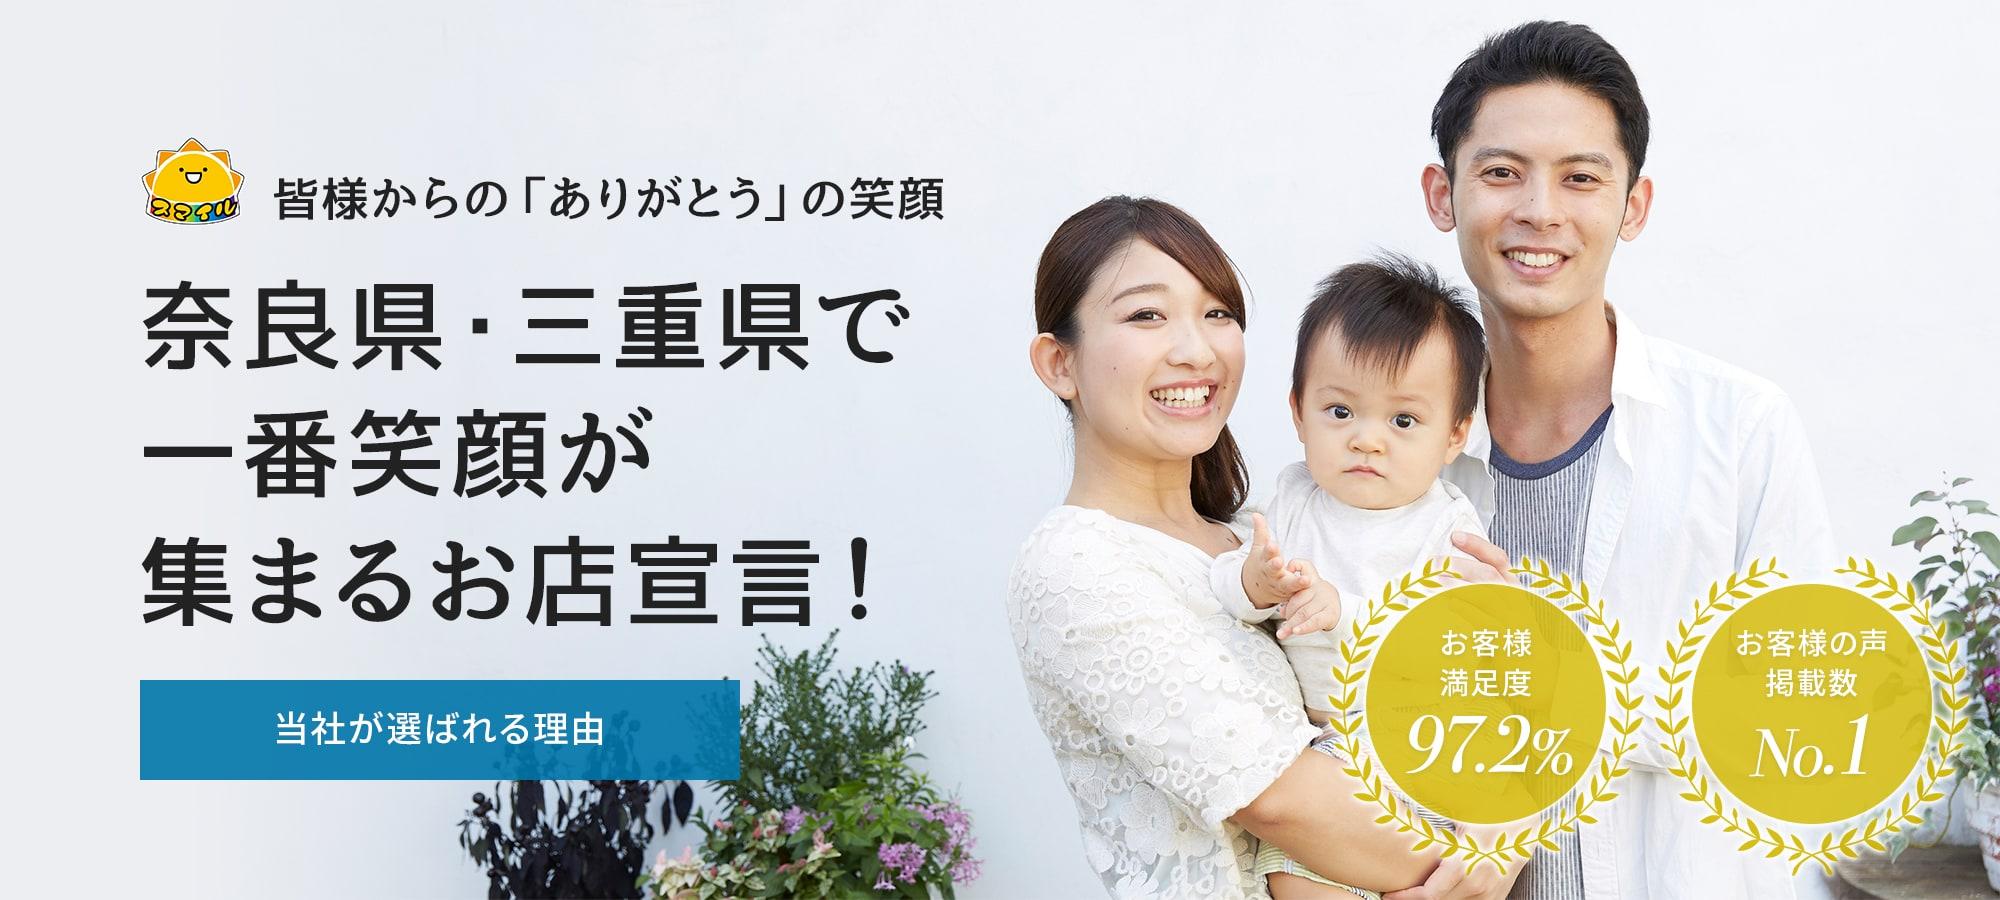 三重県で一番笑顔が集まる外壁塗装のお店!